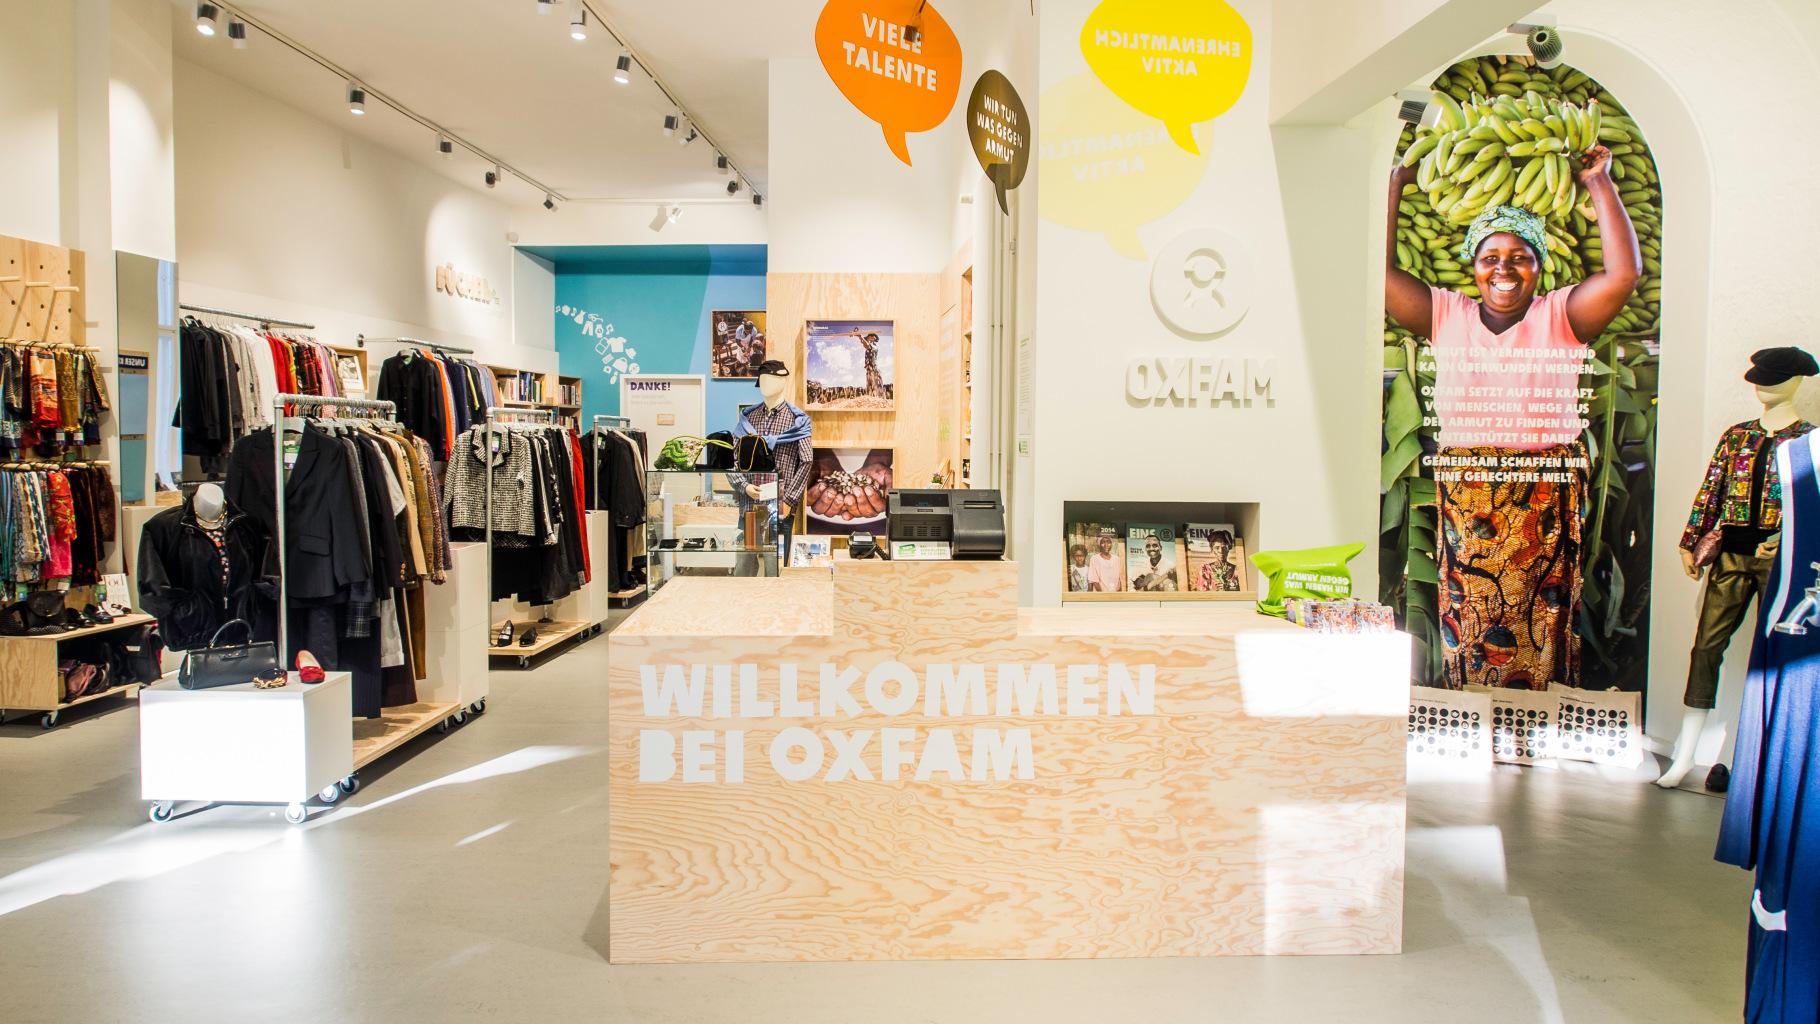 Blick in einen Oxfam Shop